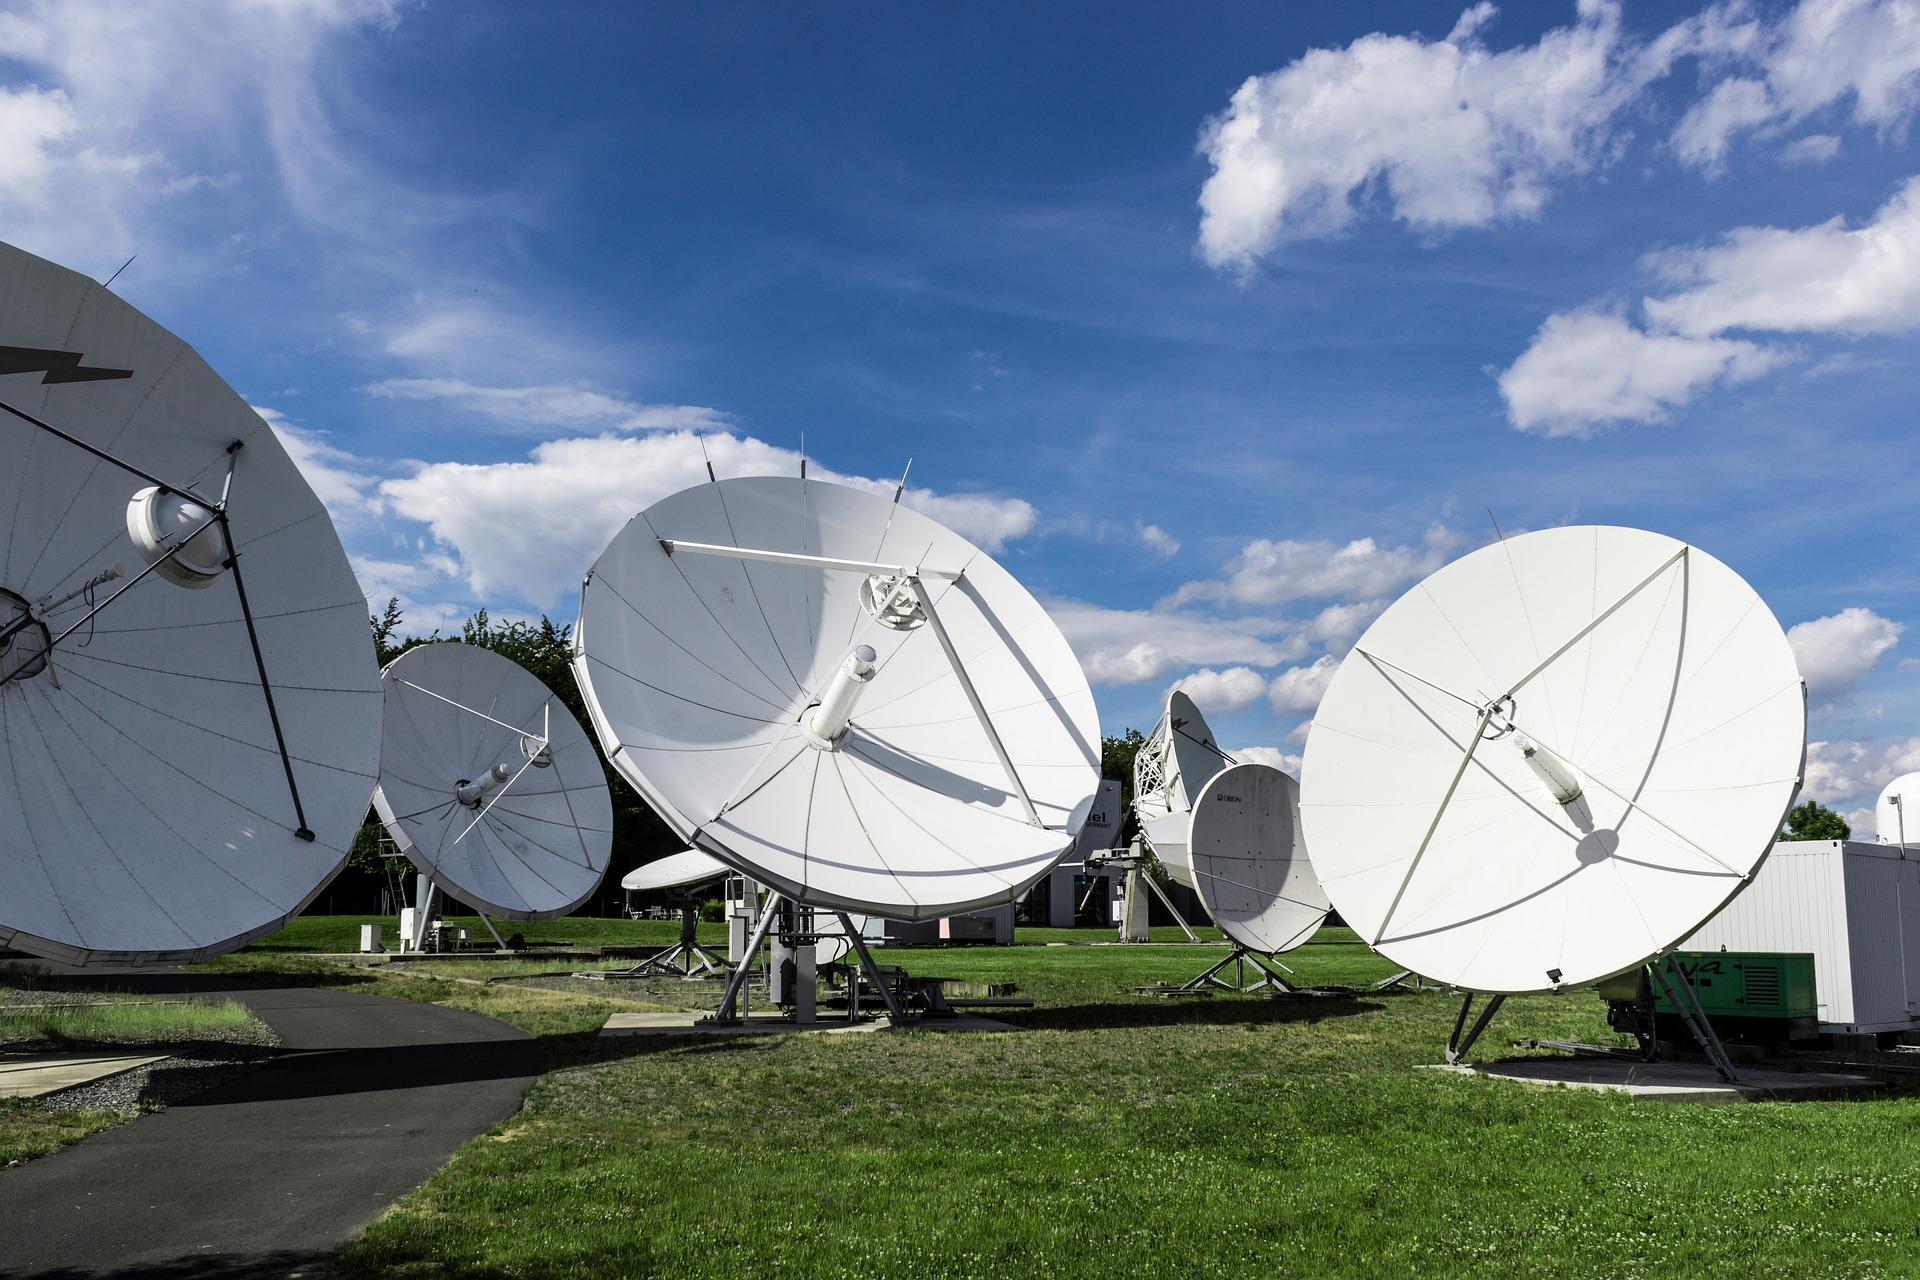 TV Commercial satellite